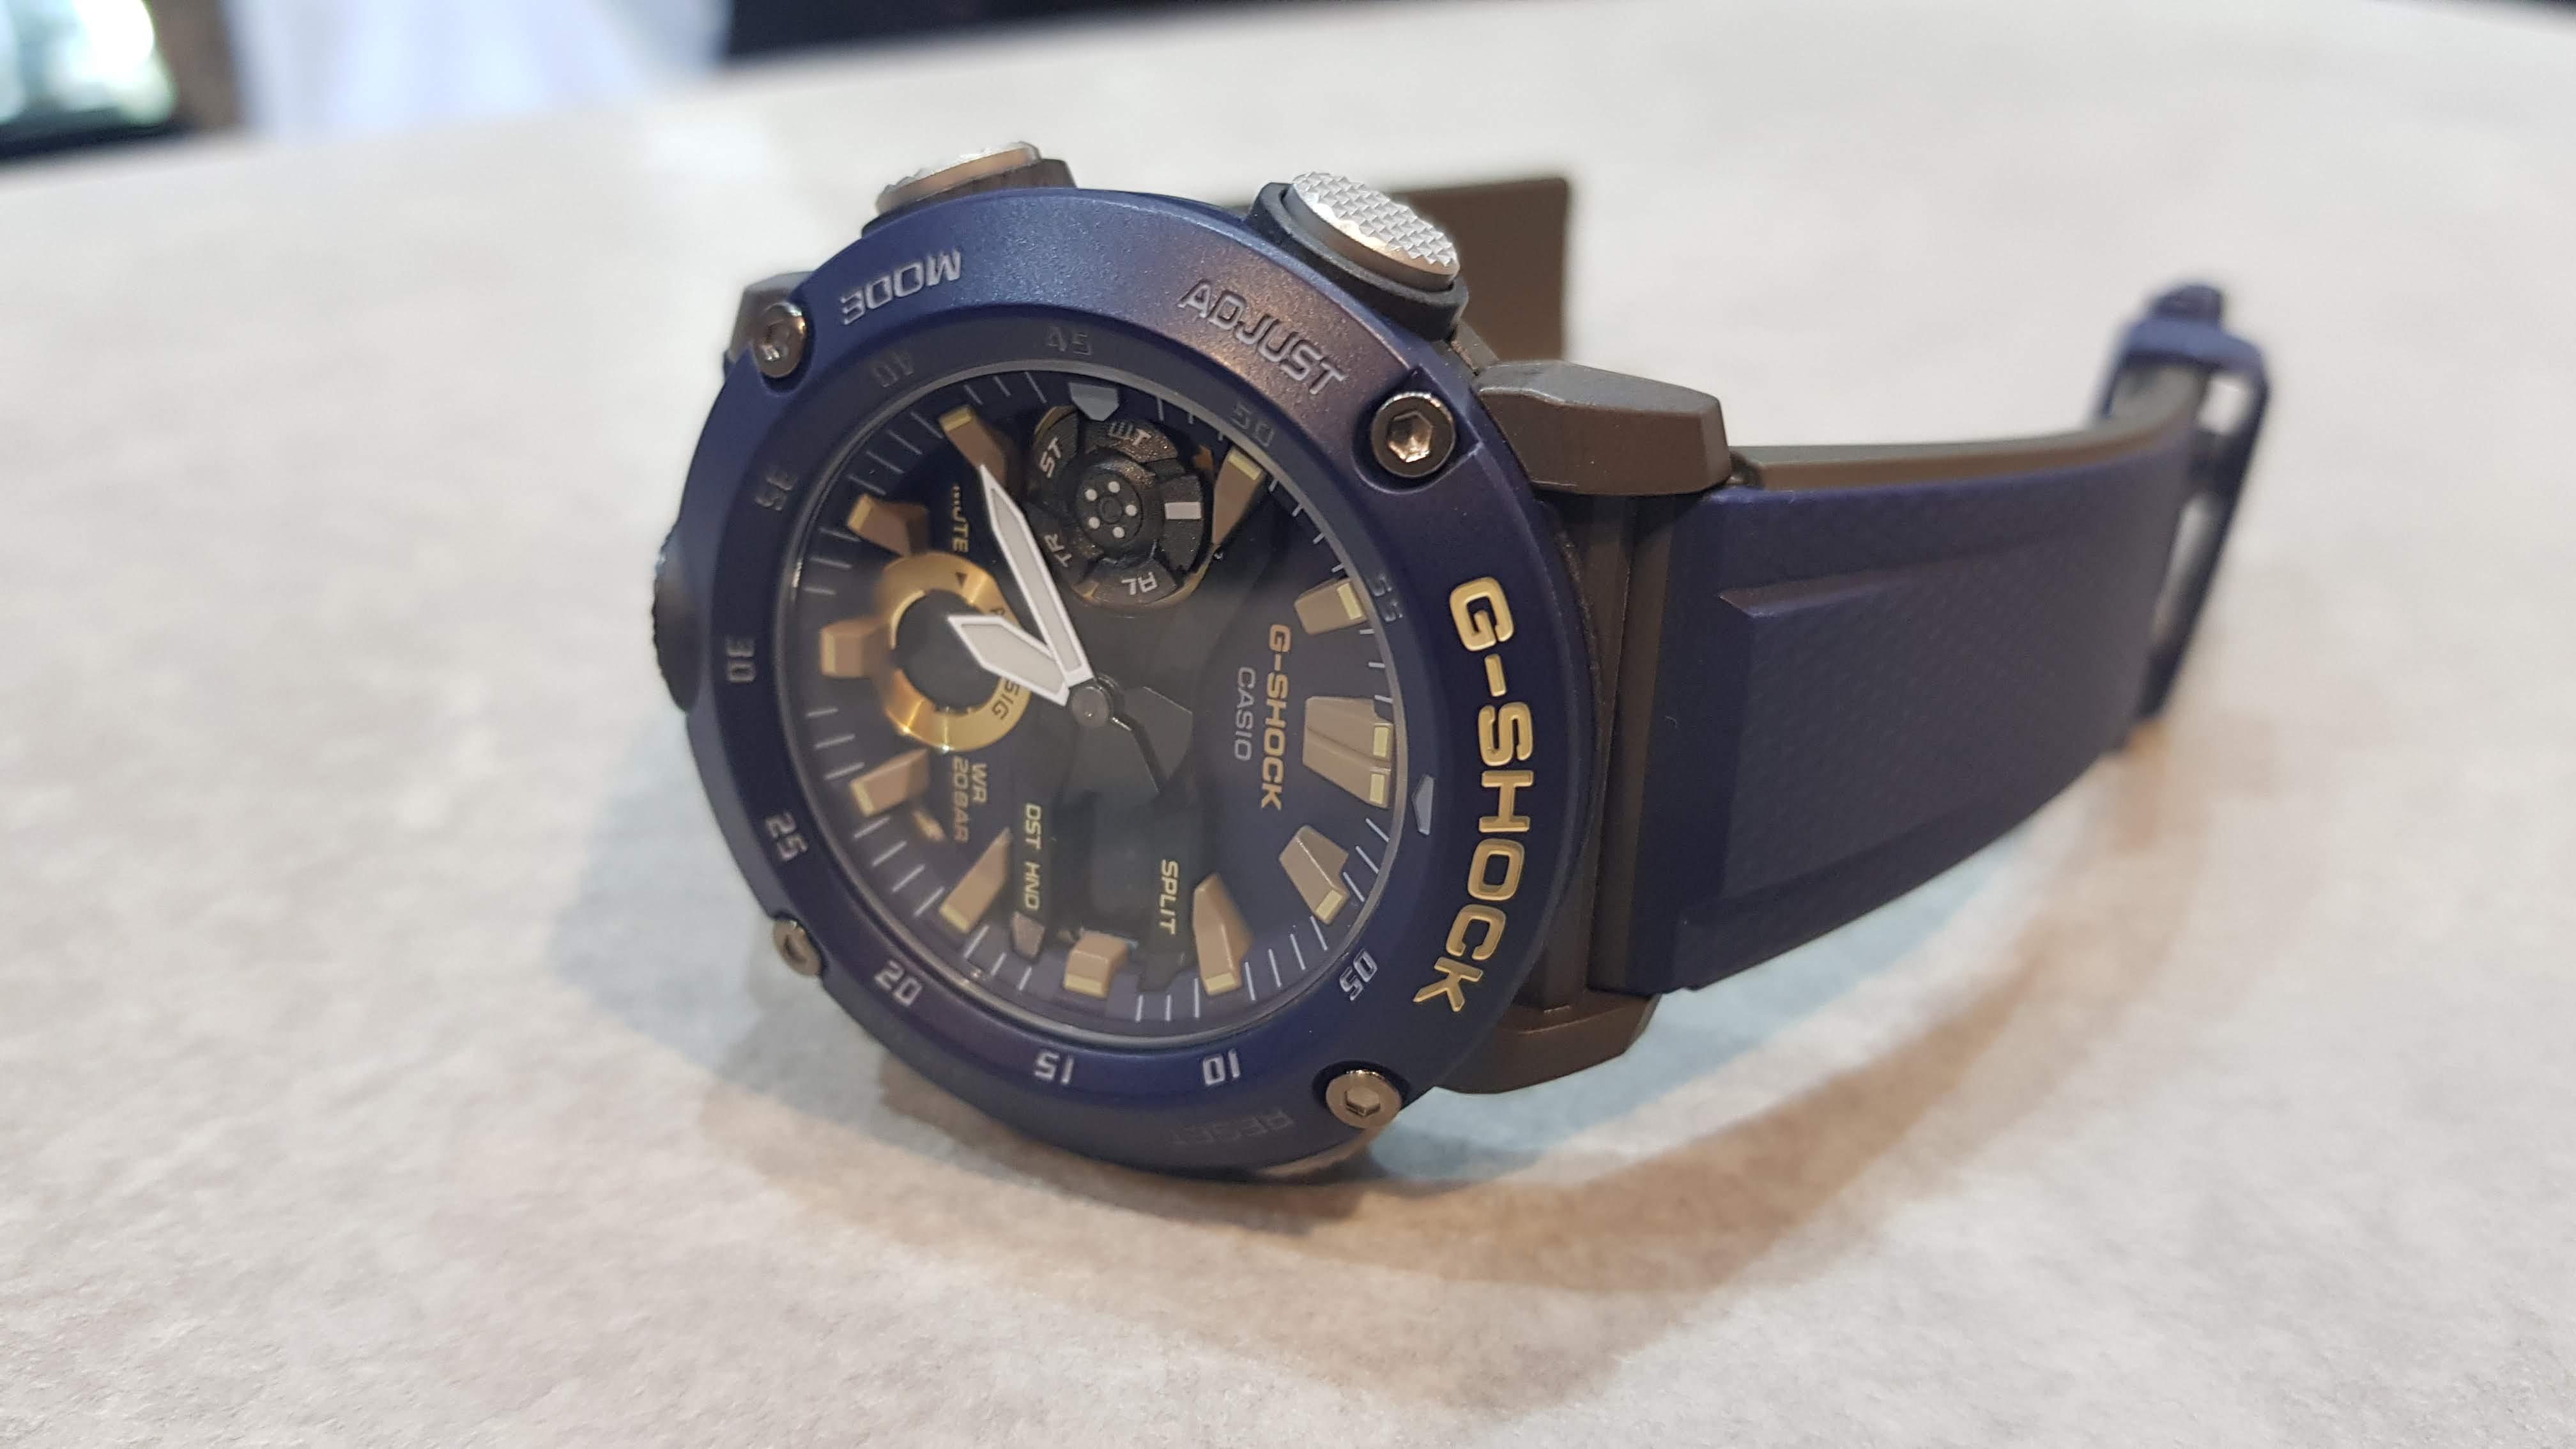 G-SHOCK lança novo modelo de relógio: GA-2000 à base de fibra de carbono